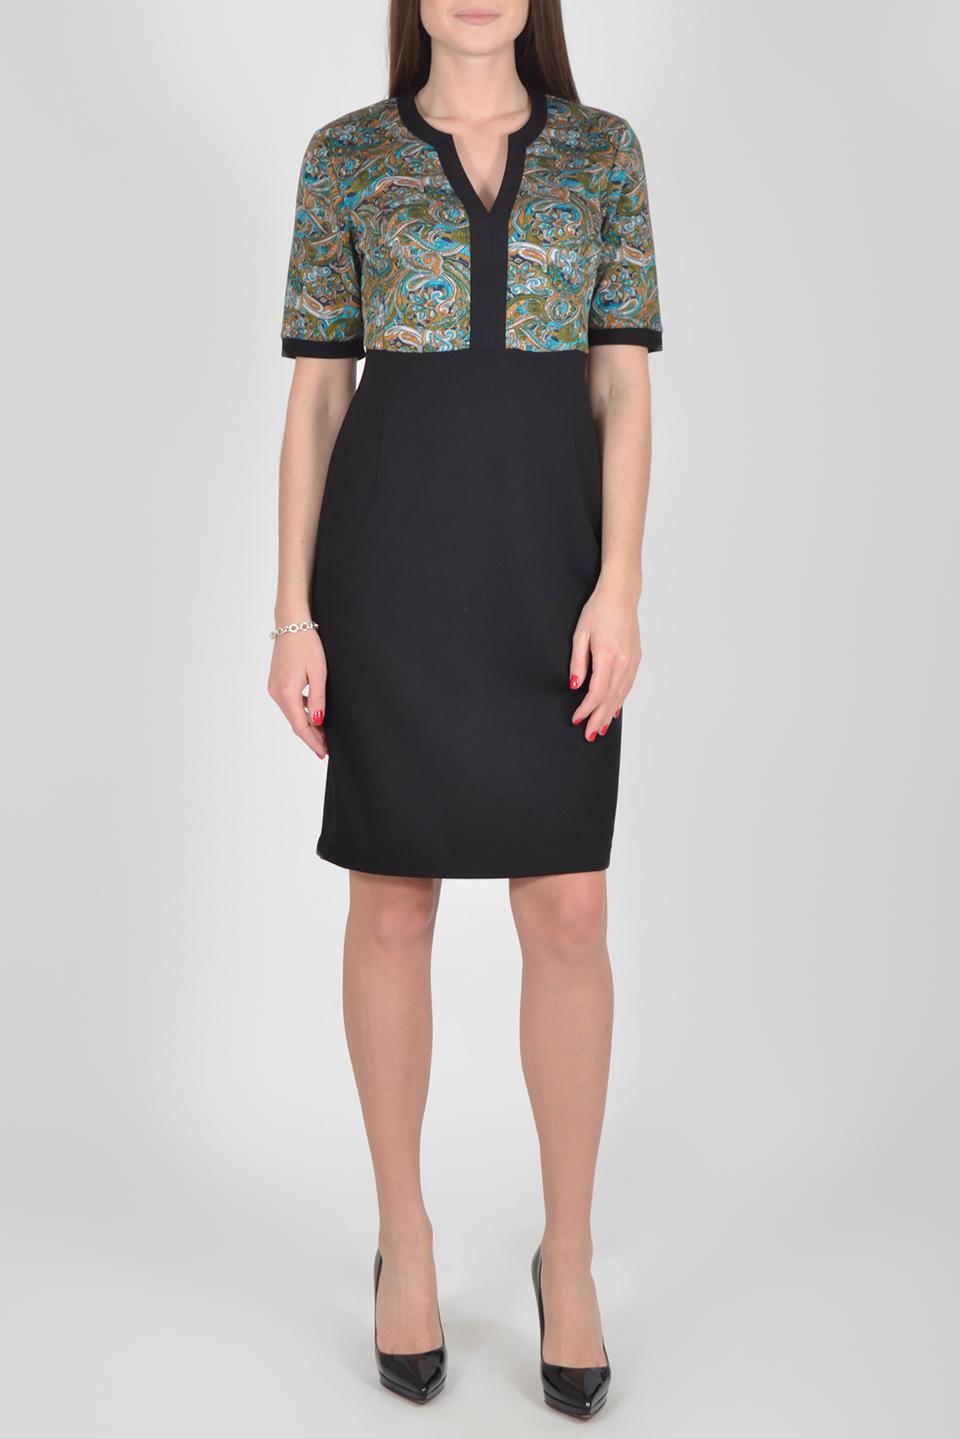 ПлатьеПлатья<br>Цветное платье с фигурной горловиной и рукавами до локтя. Модель выполнена из приятного материала. Отличный выбор для повседневного гардероба.  Длина изделия по спинке до 54 размера - 96 см., от 54 размера - 98 см.  В изделии использованы цвета: черный, зеленый и др.  Рост девушки-фотомодели 175 см.  Параметры размеров: 42 размер - обхват груди 84 см., обхват талии 66 см., обхват бедер 92 см. 44 размер - обхват груди 88 см., обхват талии 70 см., обхват бедер 96 см. 46 размер - обхват груди 92 см., обхват талии 74 см., обхват бедер 100 см. 48 размер - обхват груди 96 см., обхват талии 78 см., обхват бедер 104 см. 50 размер - обхват груди 100 см., обхват талии 82 см., обхват бедер 108 см. 52 размер - обхват груди 104 см., обхват талии 86 см., обхват бедер 112 см. 54 размер - обхват груди 108 см., обхват талии 91 см., обхват бедер 116 см. 56 размер - обхват груди 112 см., обхват талии 95 см., обхват бедер 120 см. 58 размер - обхват груди 116 см., обхват талии 100 см., обхват бедер 124 см. 60 размер - обхват груди 120 см., обхват талии 105 см., обхват бедер 128 см.<br><br>Горловина: Фигурная горловина<br>По длине: До колена<br>По материалу: Трикотаж<br>По рисунку: С принтом,Цветные,Этнические<br>По силуэту: Приталенные<br>По стилю: Повседневный стиль<br>По форме: Платье - футляр<br>По элементам: С завышенной талией<br>Рукав: До локтя<br>По сезону: Осень,Весна<br>Размер : 48,50,52,54,56<br>Материал: Трикотаж<br>Количество в наличии: 15